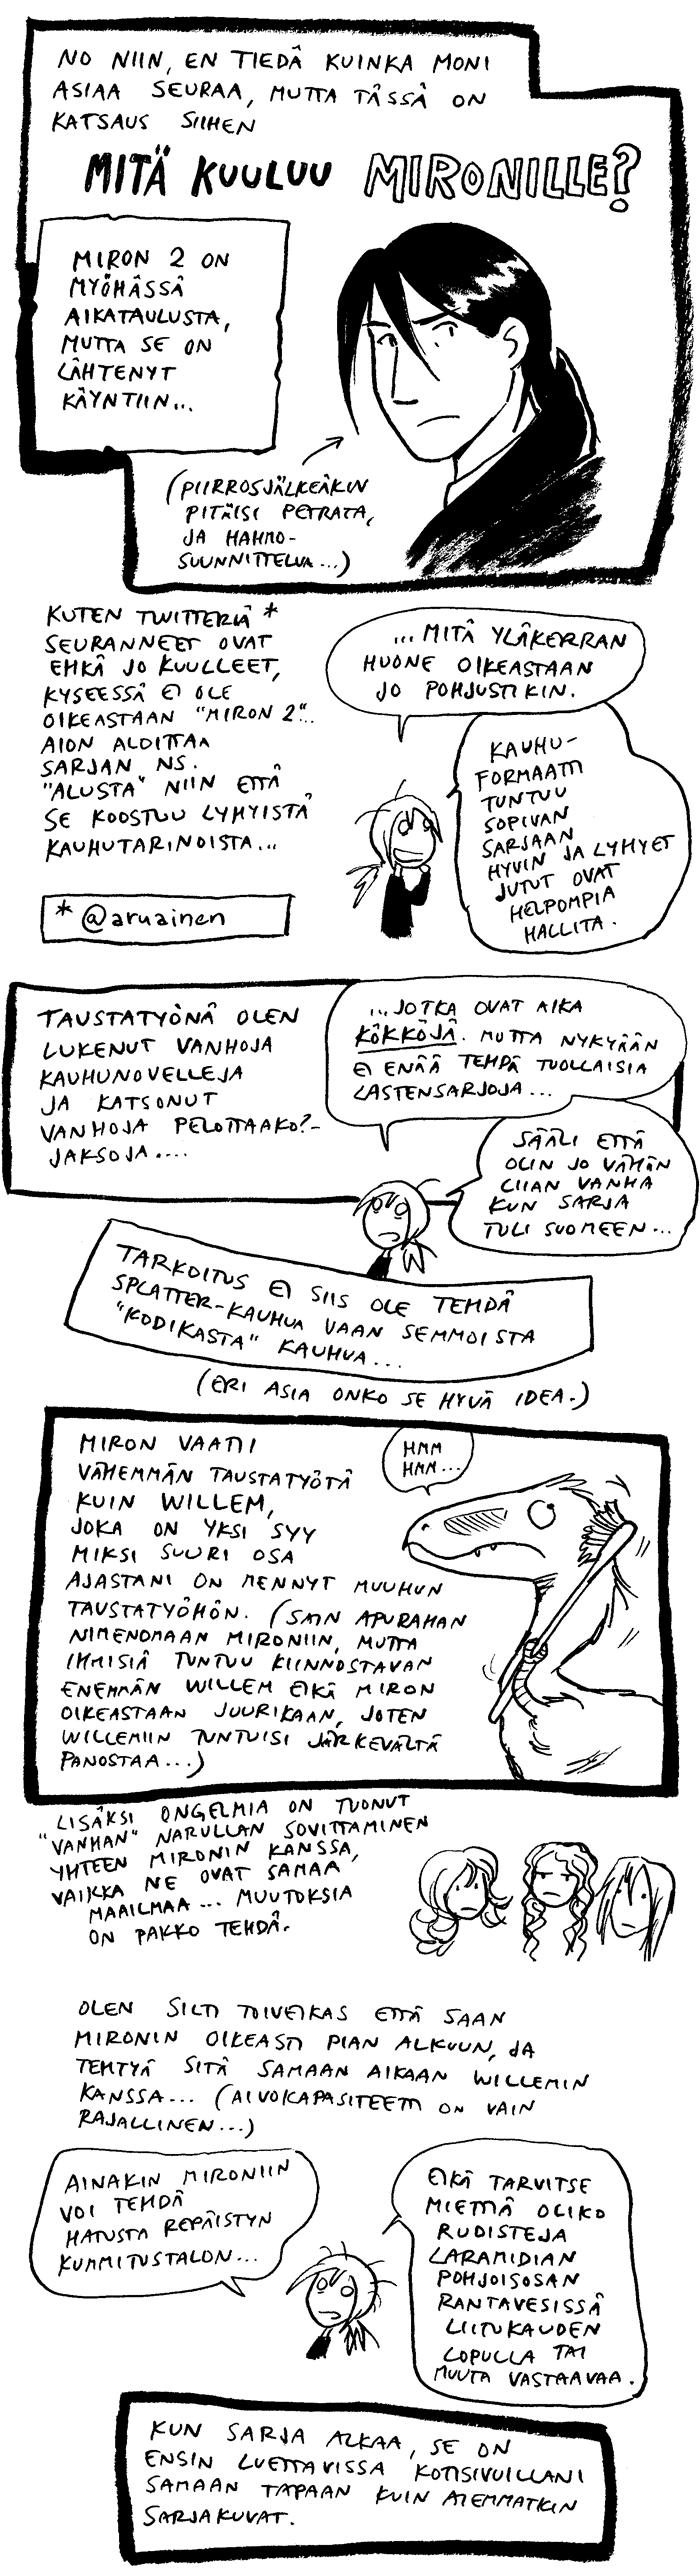 Miron, sarjakuvat,